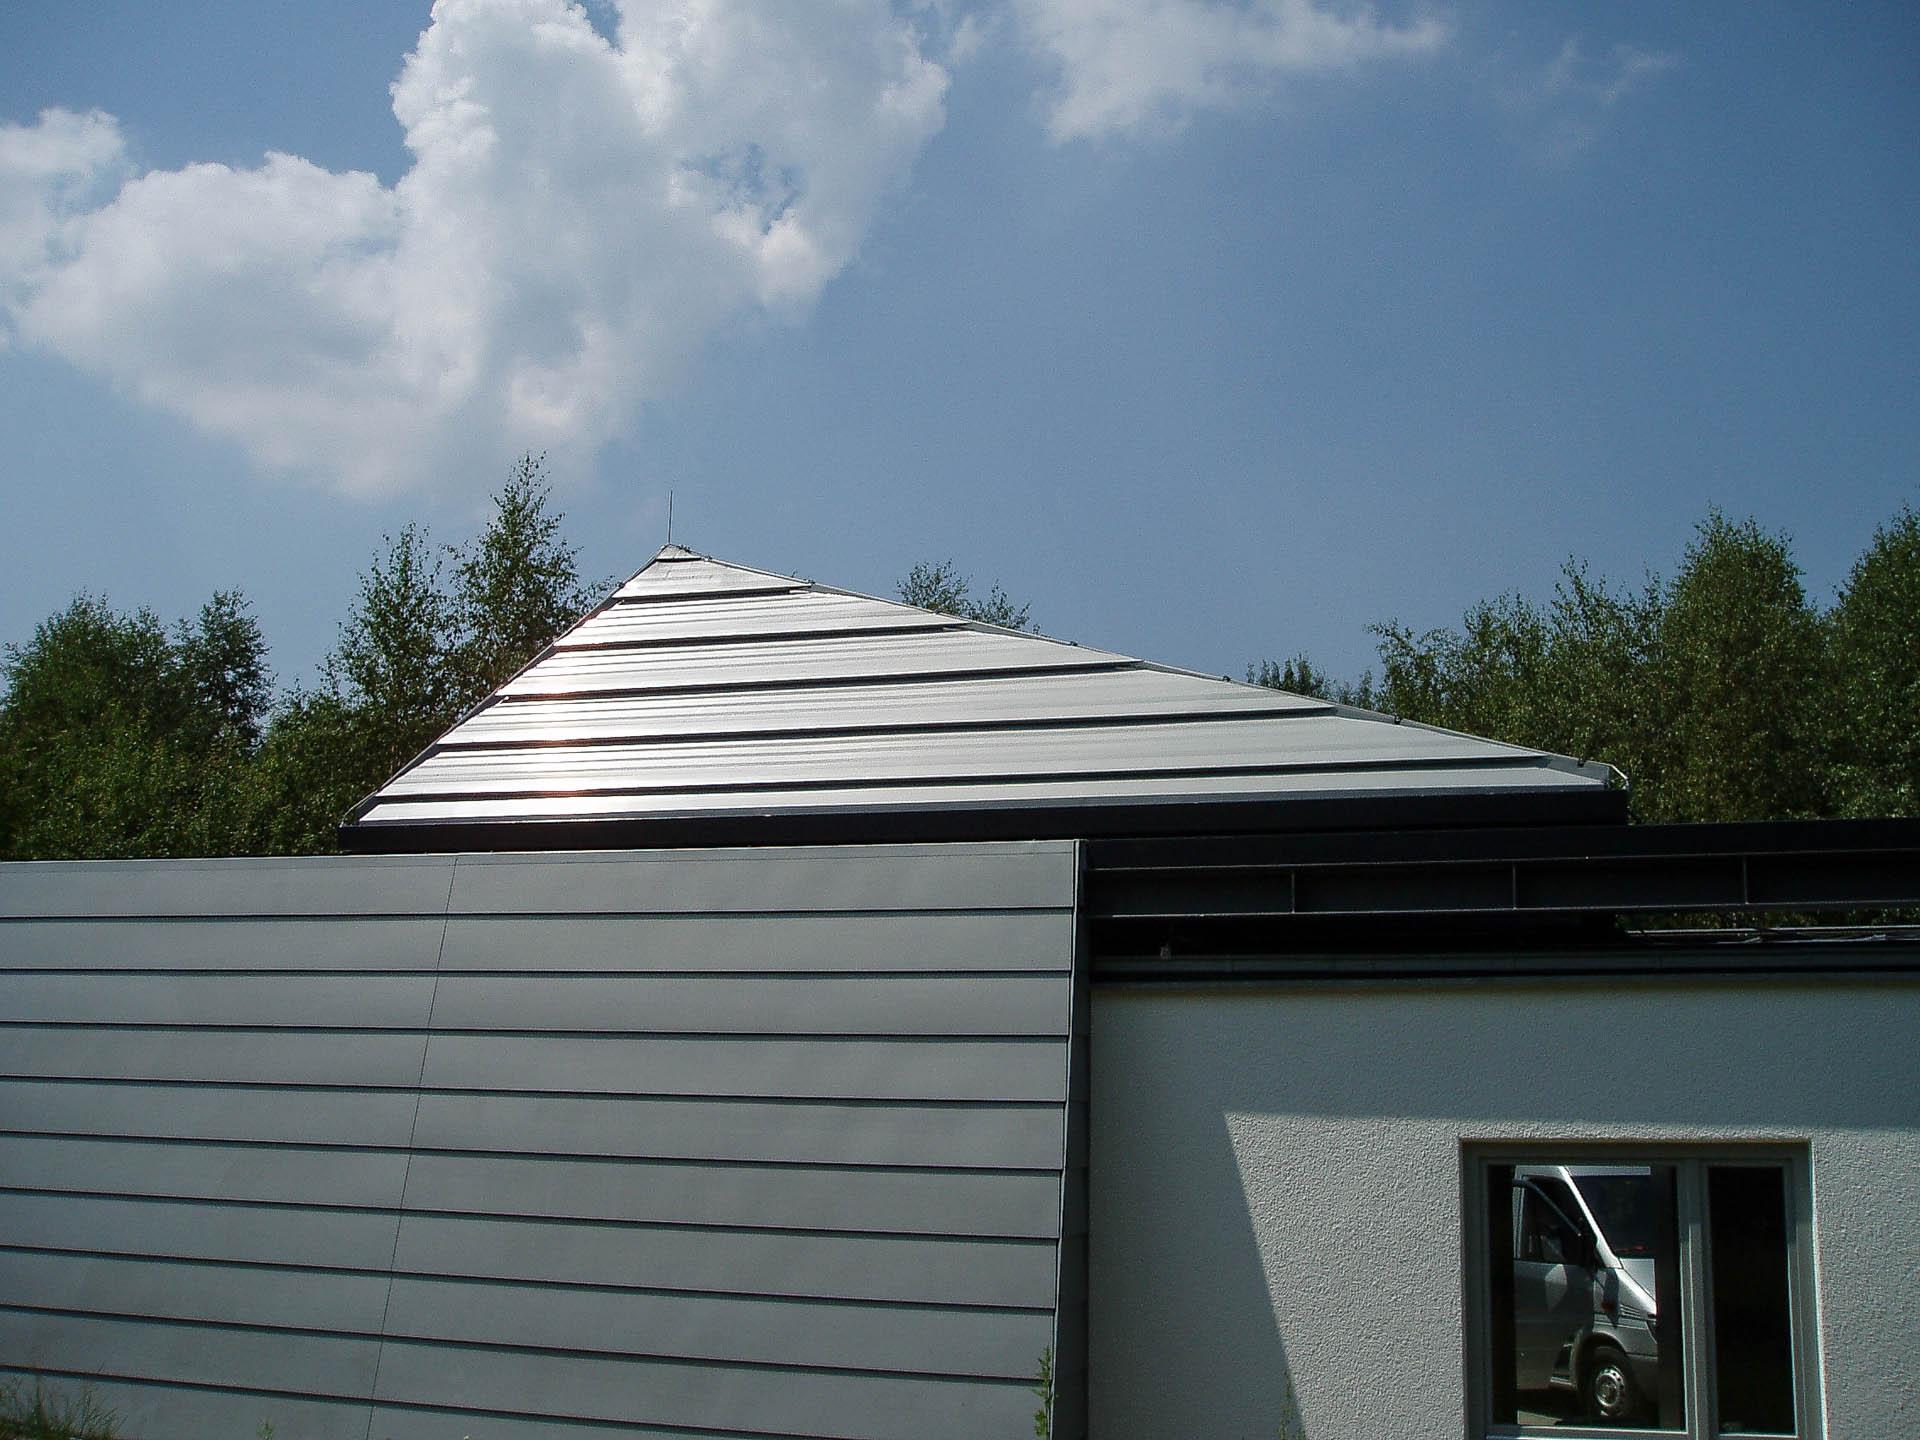 Cabrio-Schiebedach am Observatorium Dresden (Objekt  1114). Cabrio-Schiebedach in asymetrischer Pyramidenform - zu etwa 50 % geöffnet